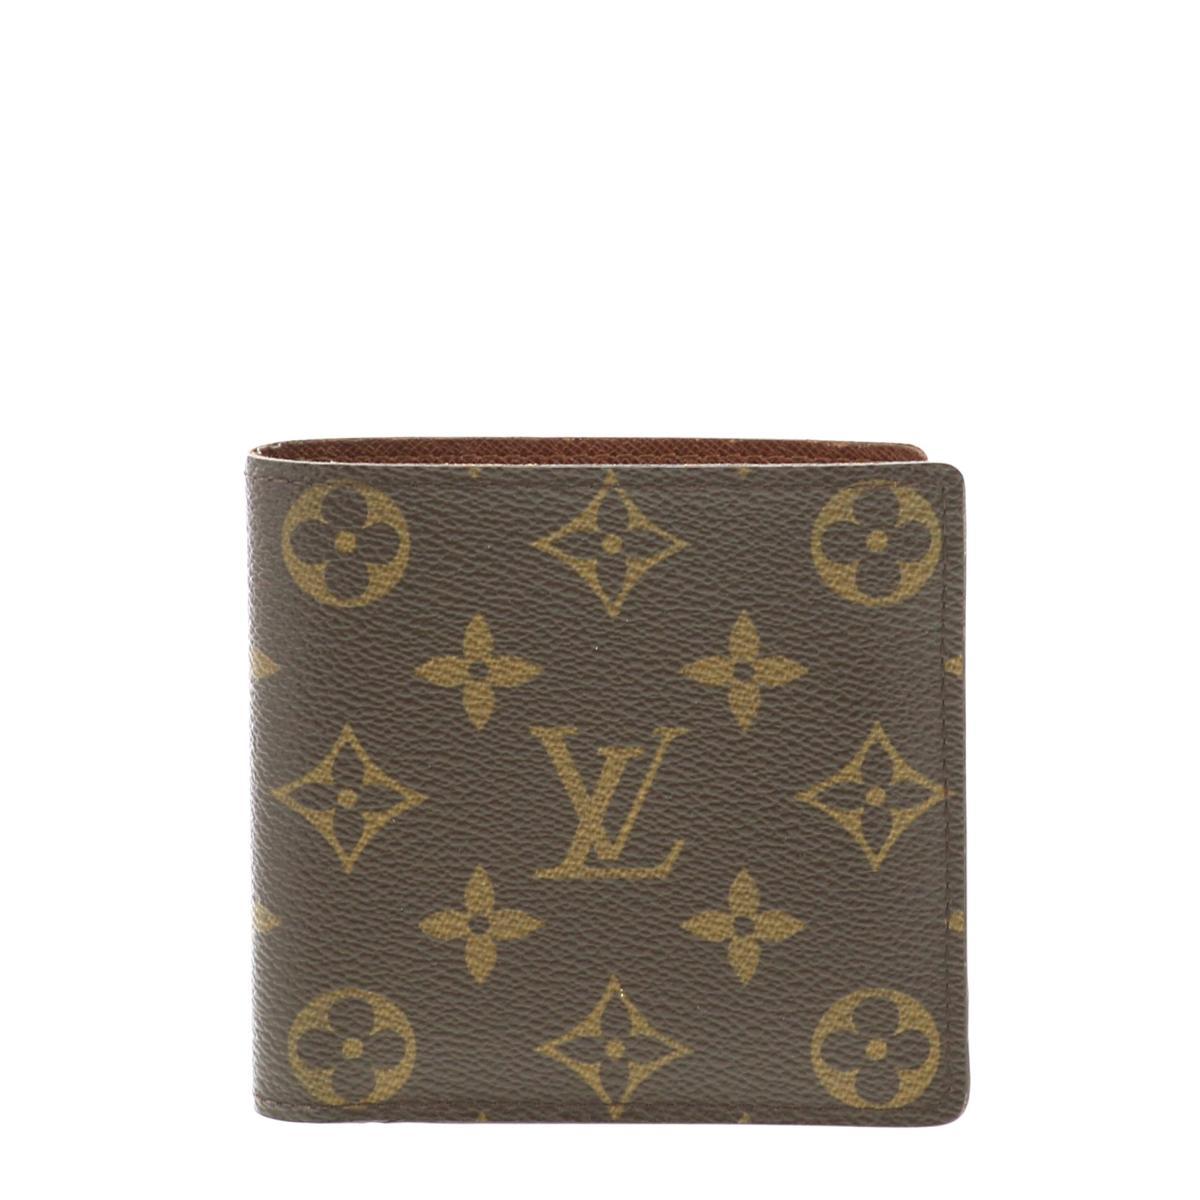 【中古】LOUIS VUITTON (ルイヴィトン) ポルトフォイユ・マルコ 財布 二つ折り財布(小銭入有) Monogram M61675 used:B